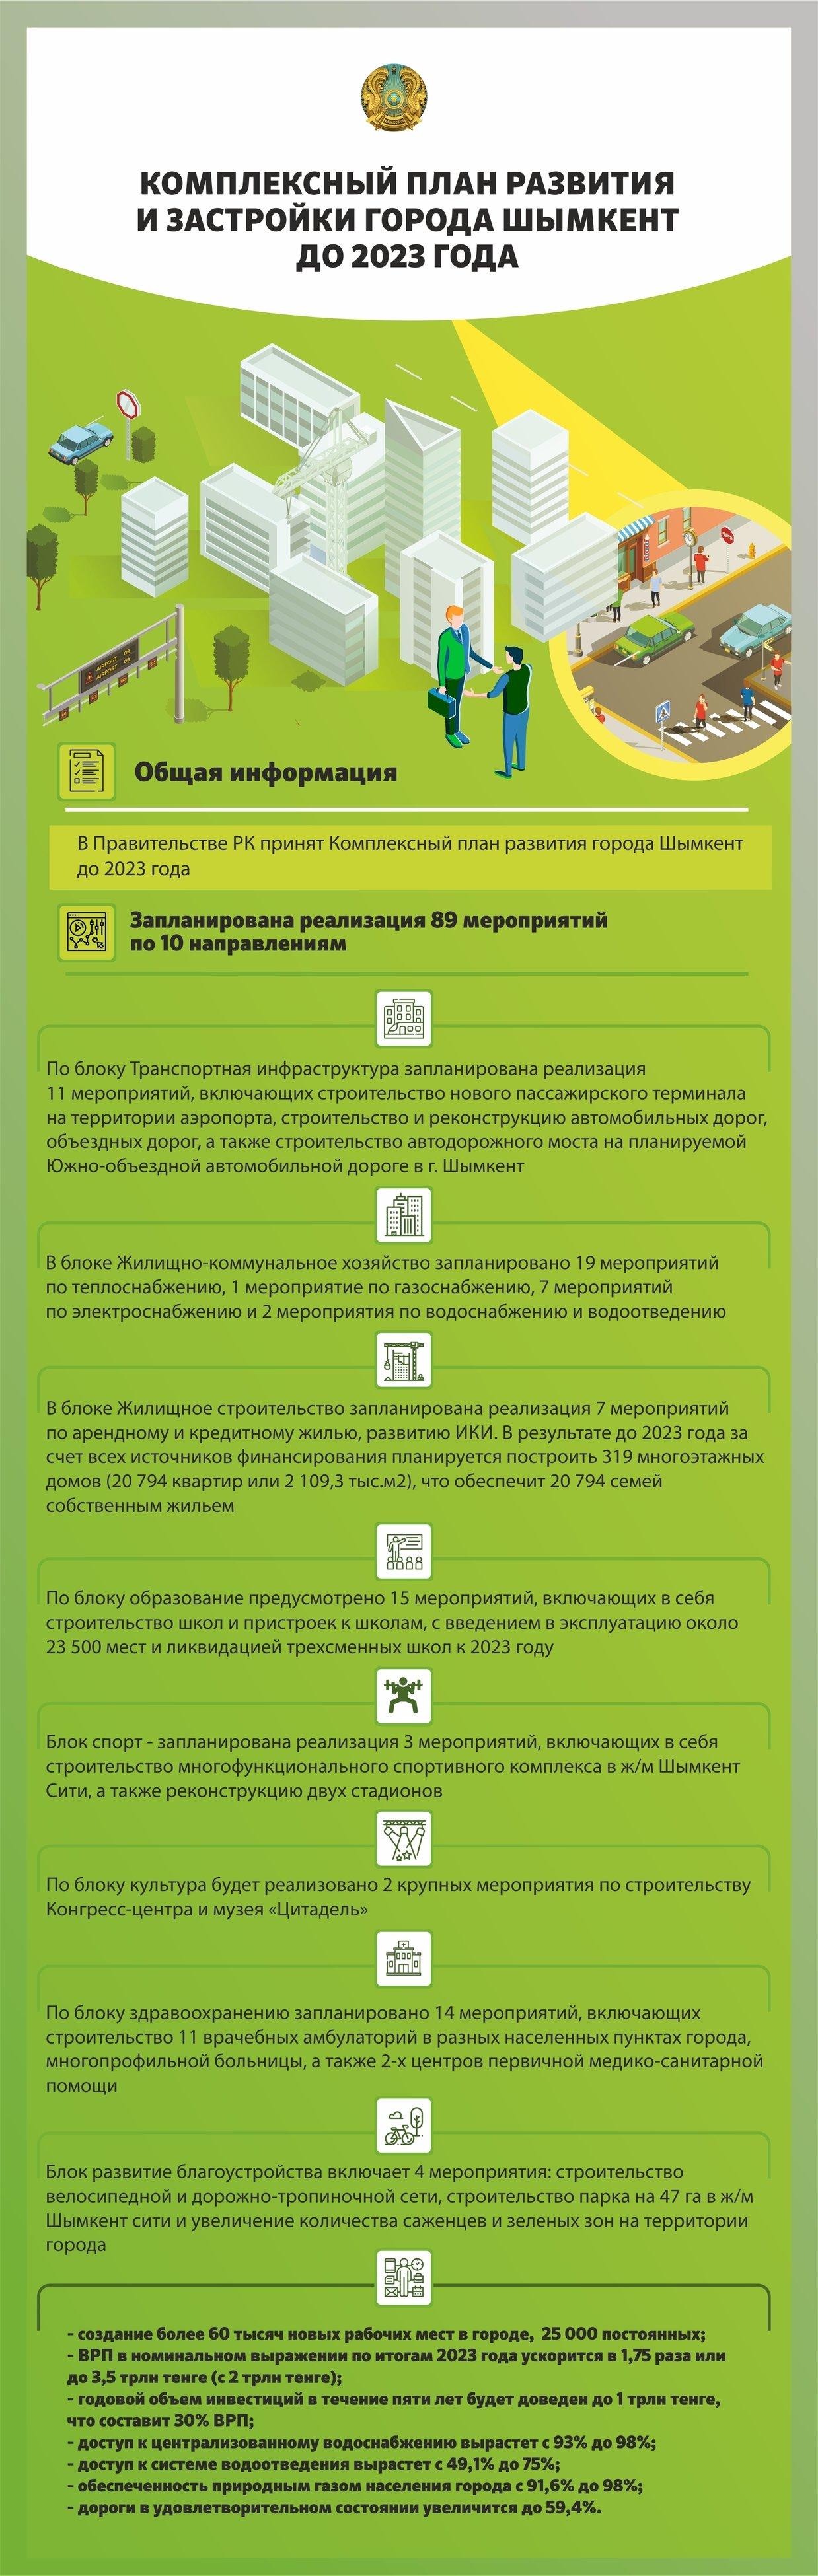 Источник: primeminister.kz.